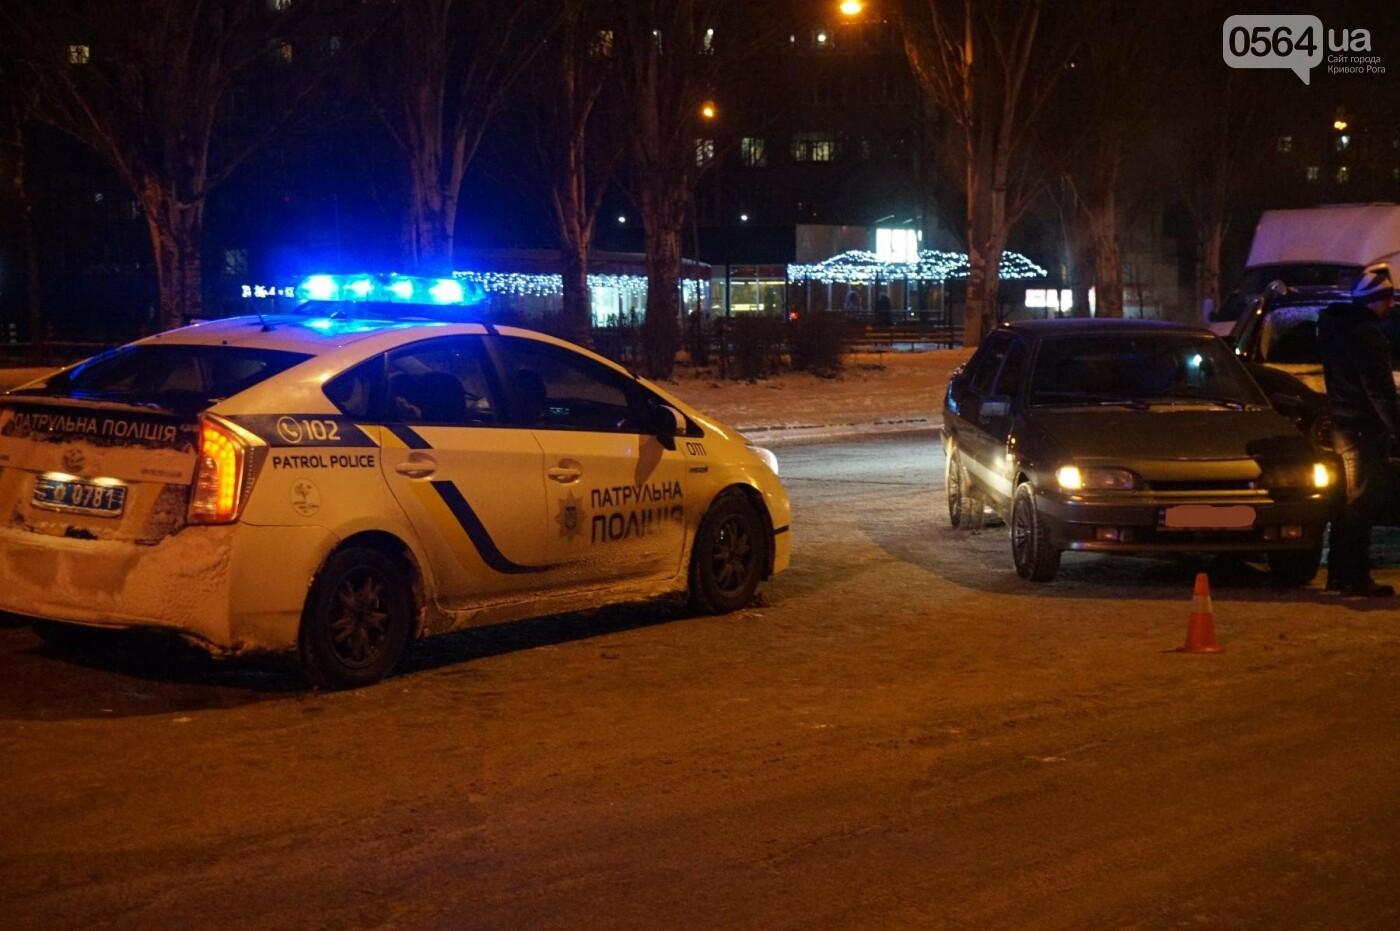 ДТП в Кривом Роге: Перед пешеходным переходом столкнулись ВАЗ и Инфинити (ФОТО), фото-4